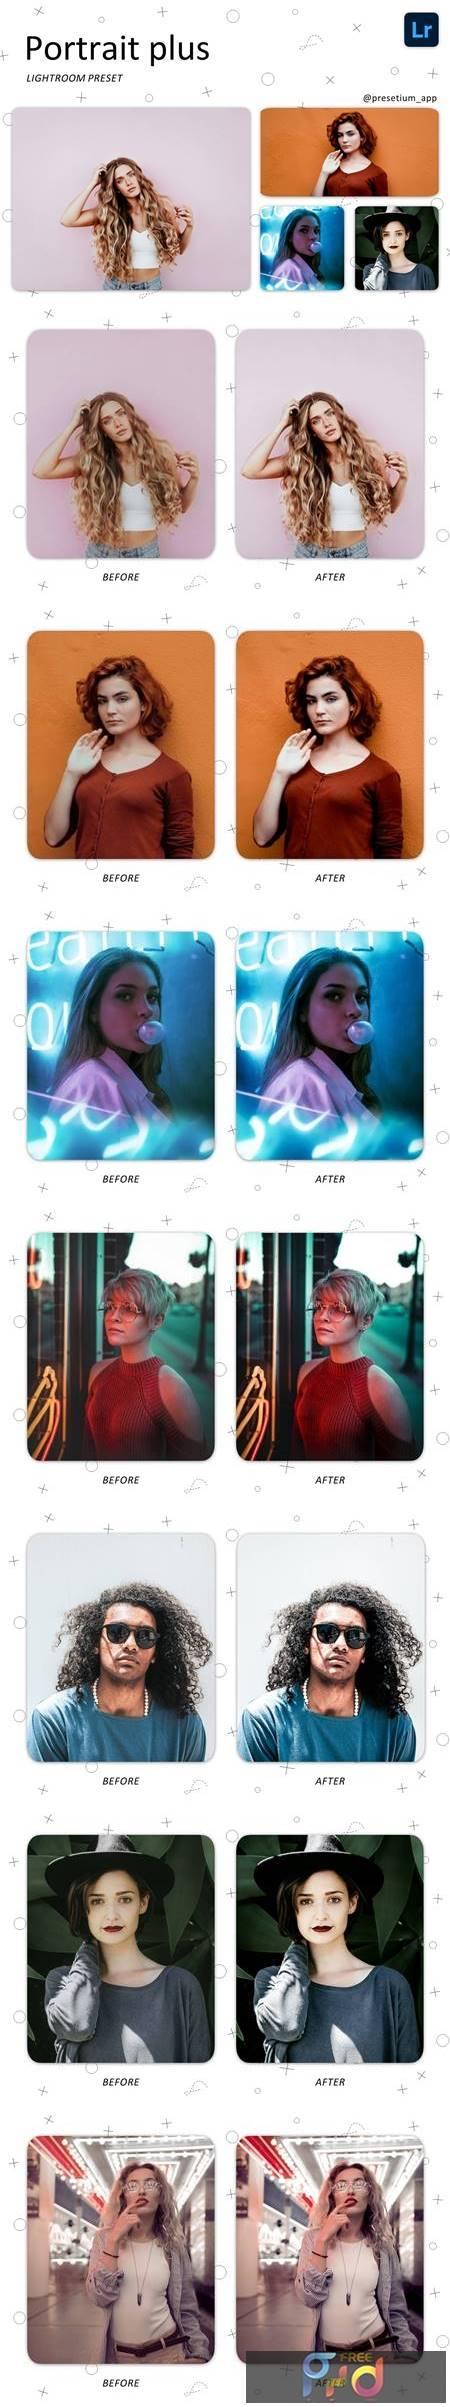 Portrait plus - Lightroom Presets 5223099 1